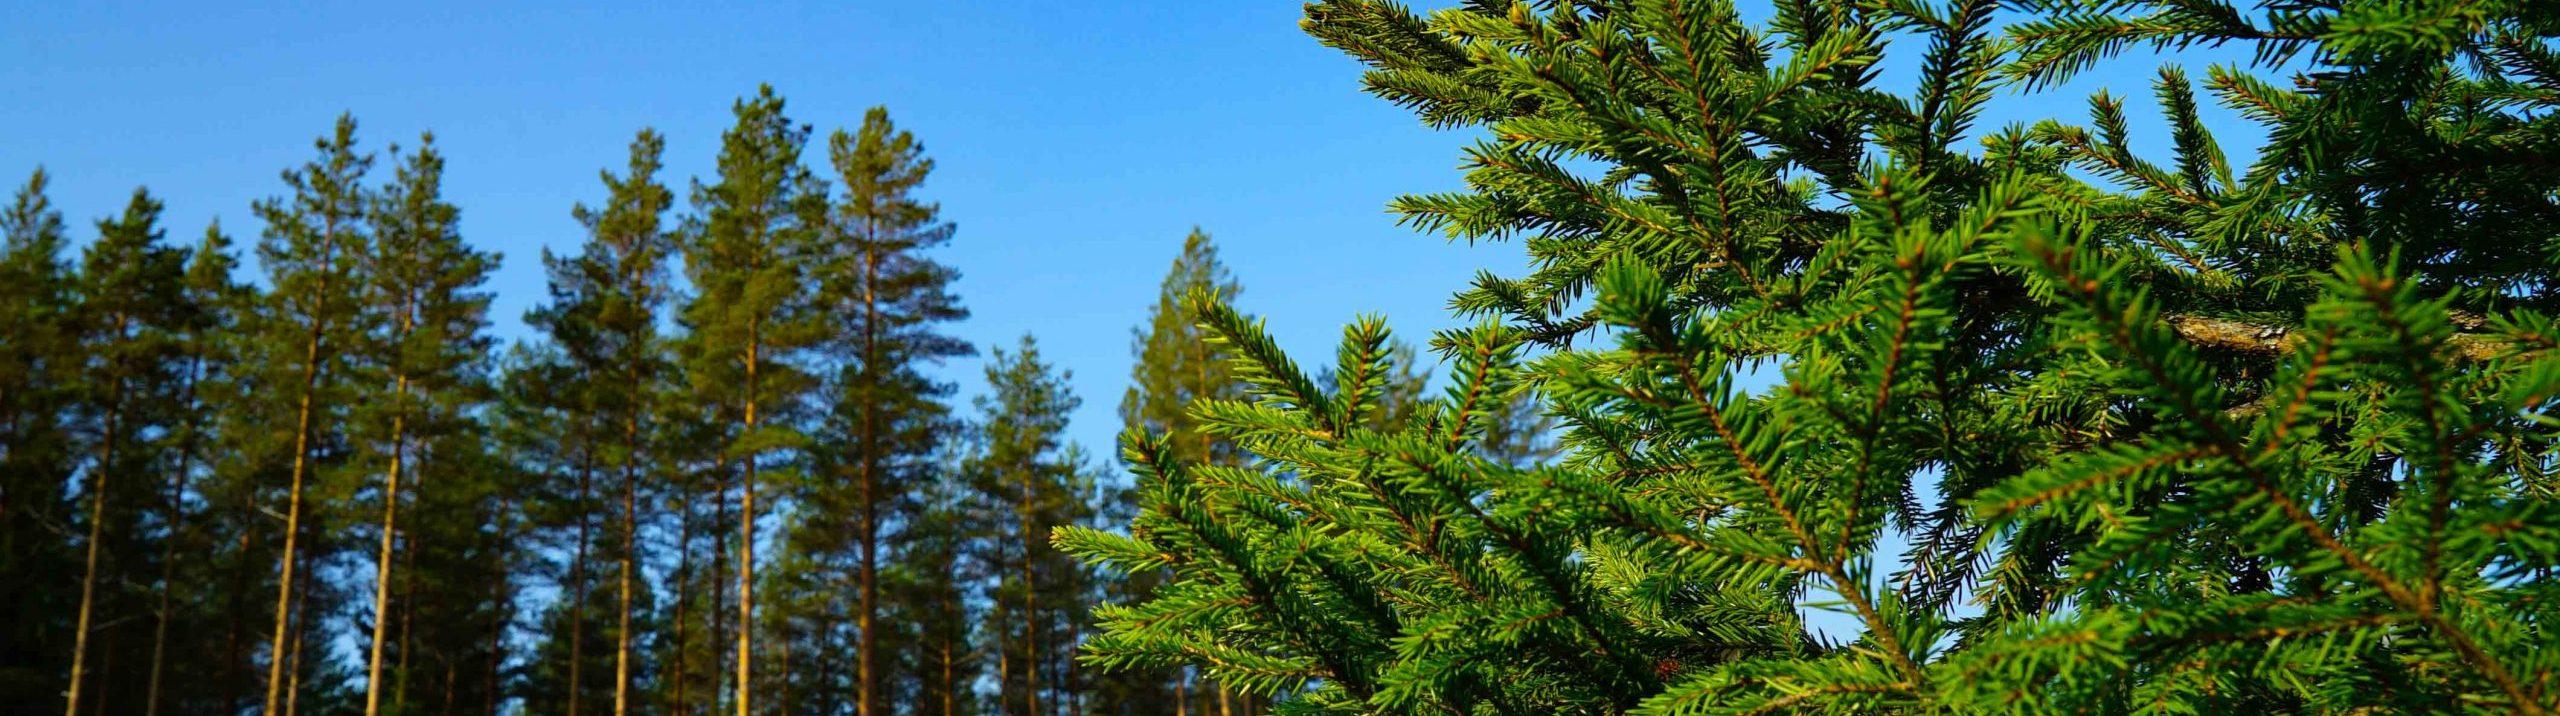 Närbild på en grankvist med höga granar i bakgrunden mot blå himmel.